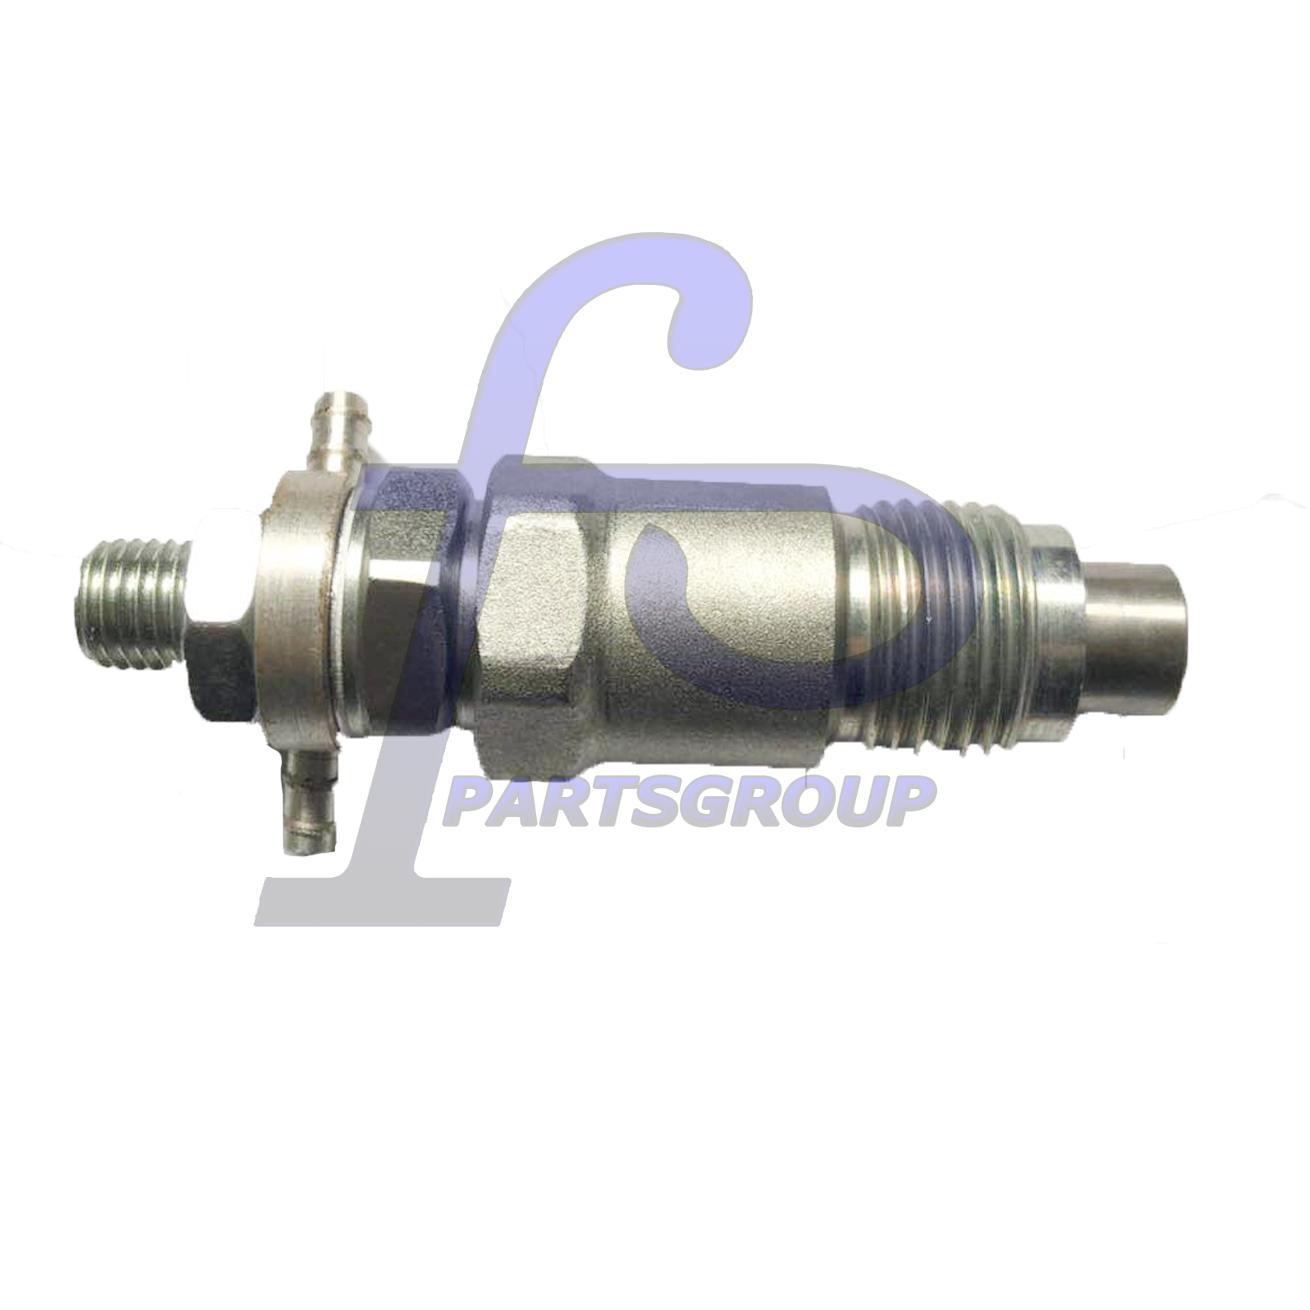 Fuel Injector 15271-53020 for Kubota D1302 D1402 V1702 V1902 Engine